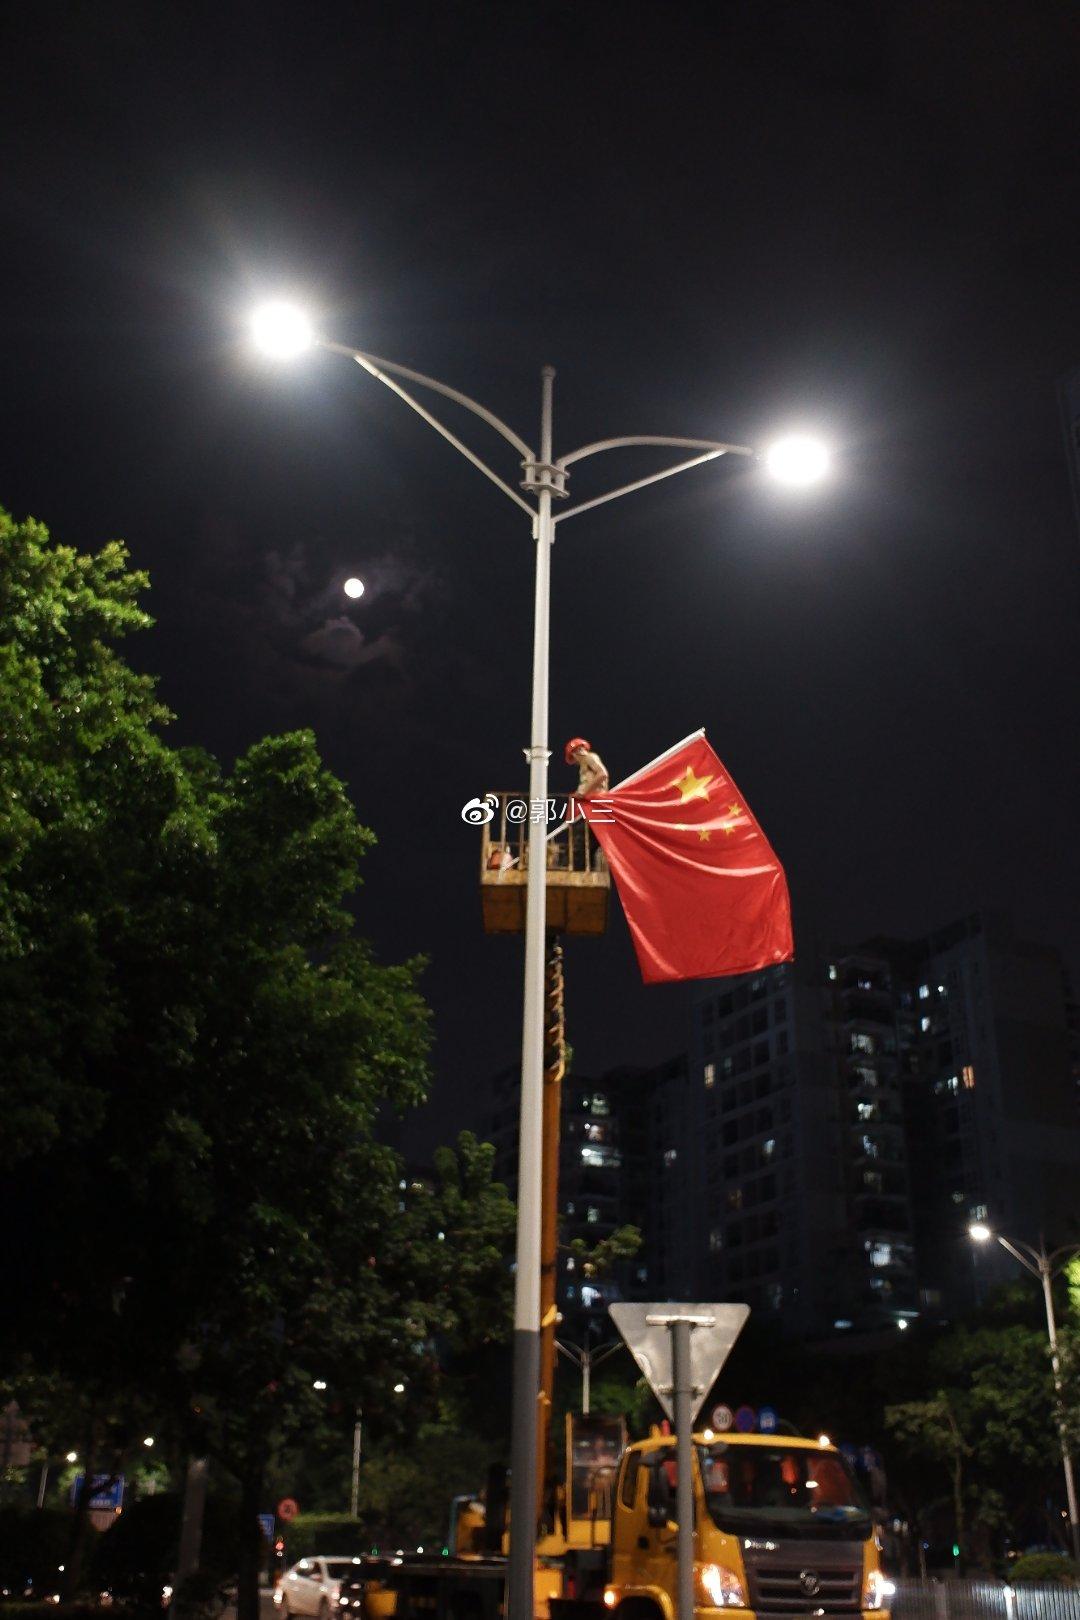 国庆马上到了,路灯开始装国旗富士xf10直出